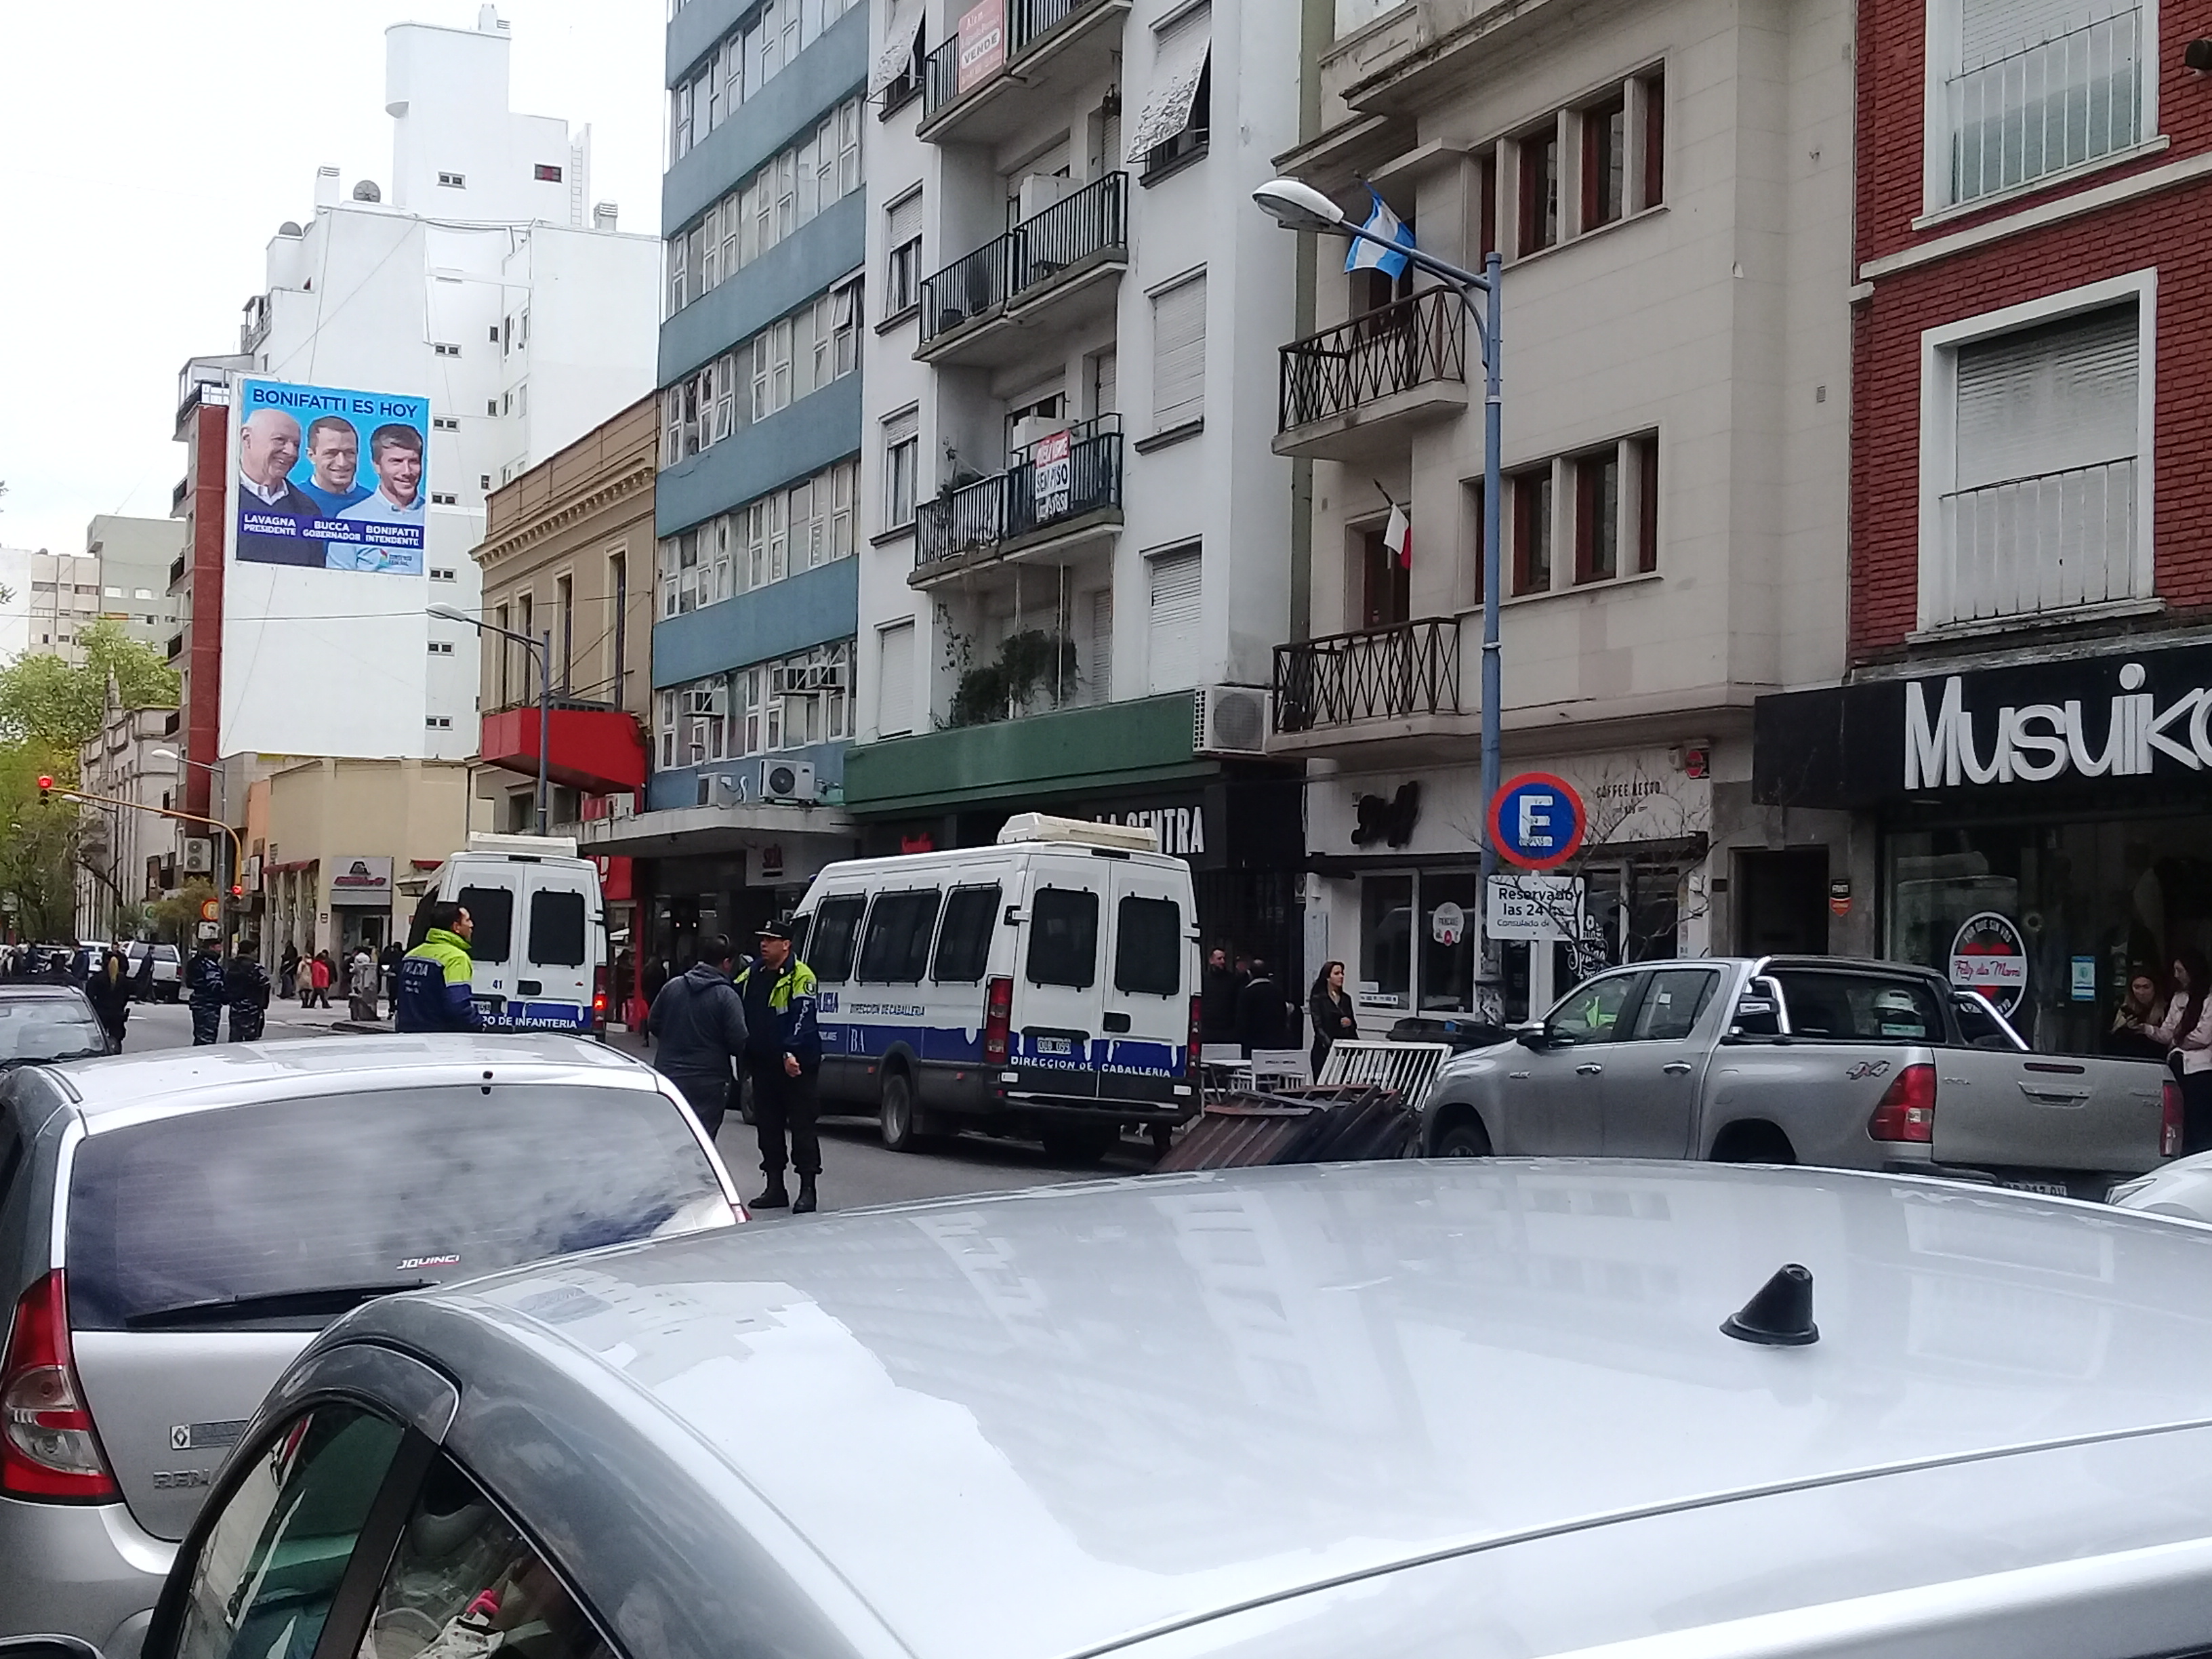 Refuerzan la seguridad en Consulado de Chile en Mar del Plata